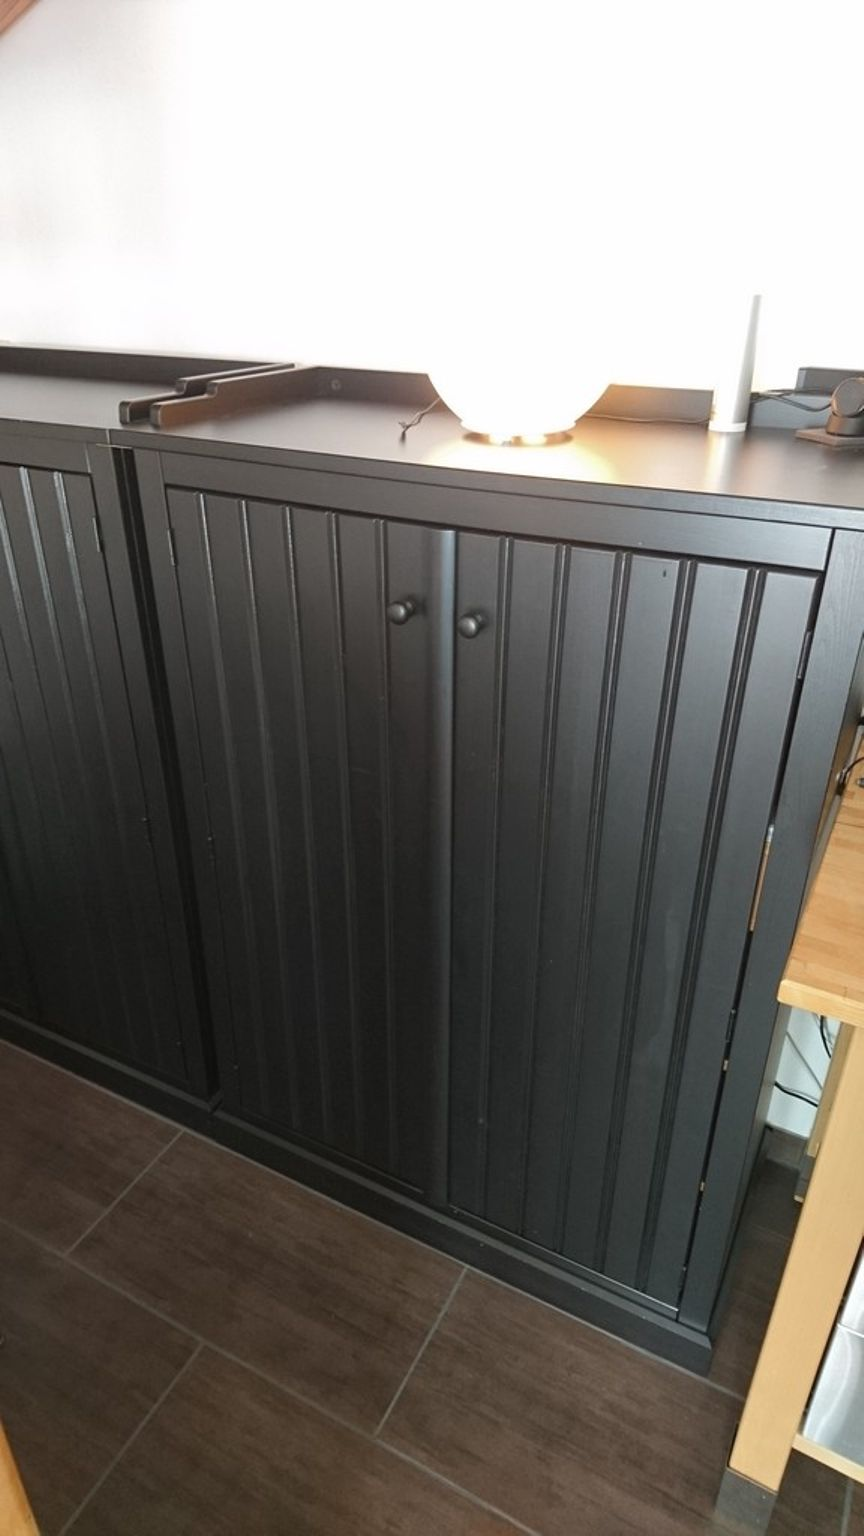 Full Size of Ikea Sideboard Schwarz Arkelstorp Miniküche Küche Kaufen Kosten Betten Bei Mit Arbeitsplatte Modulküche 160x200 Sofa Schlaffunktion Wohnzimmer Wohnzimmer Ikea Sideboard